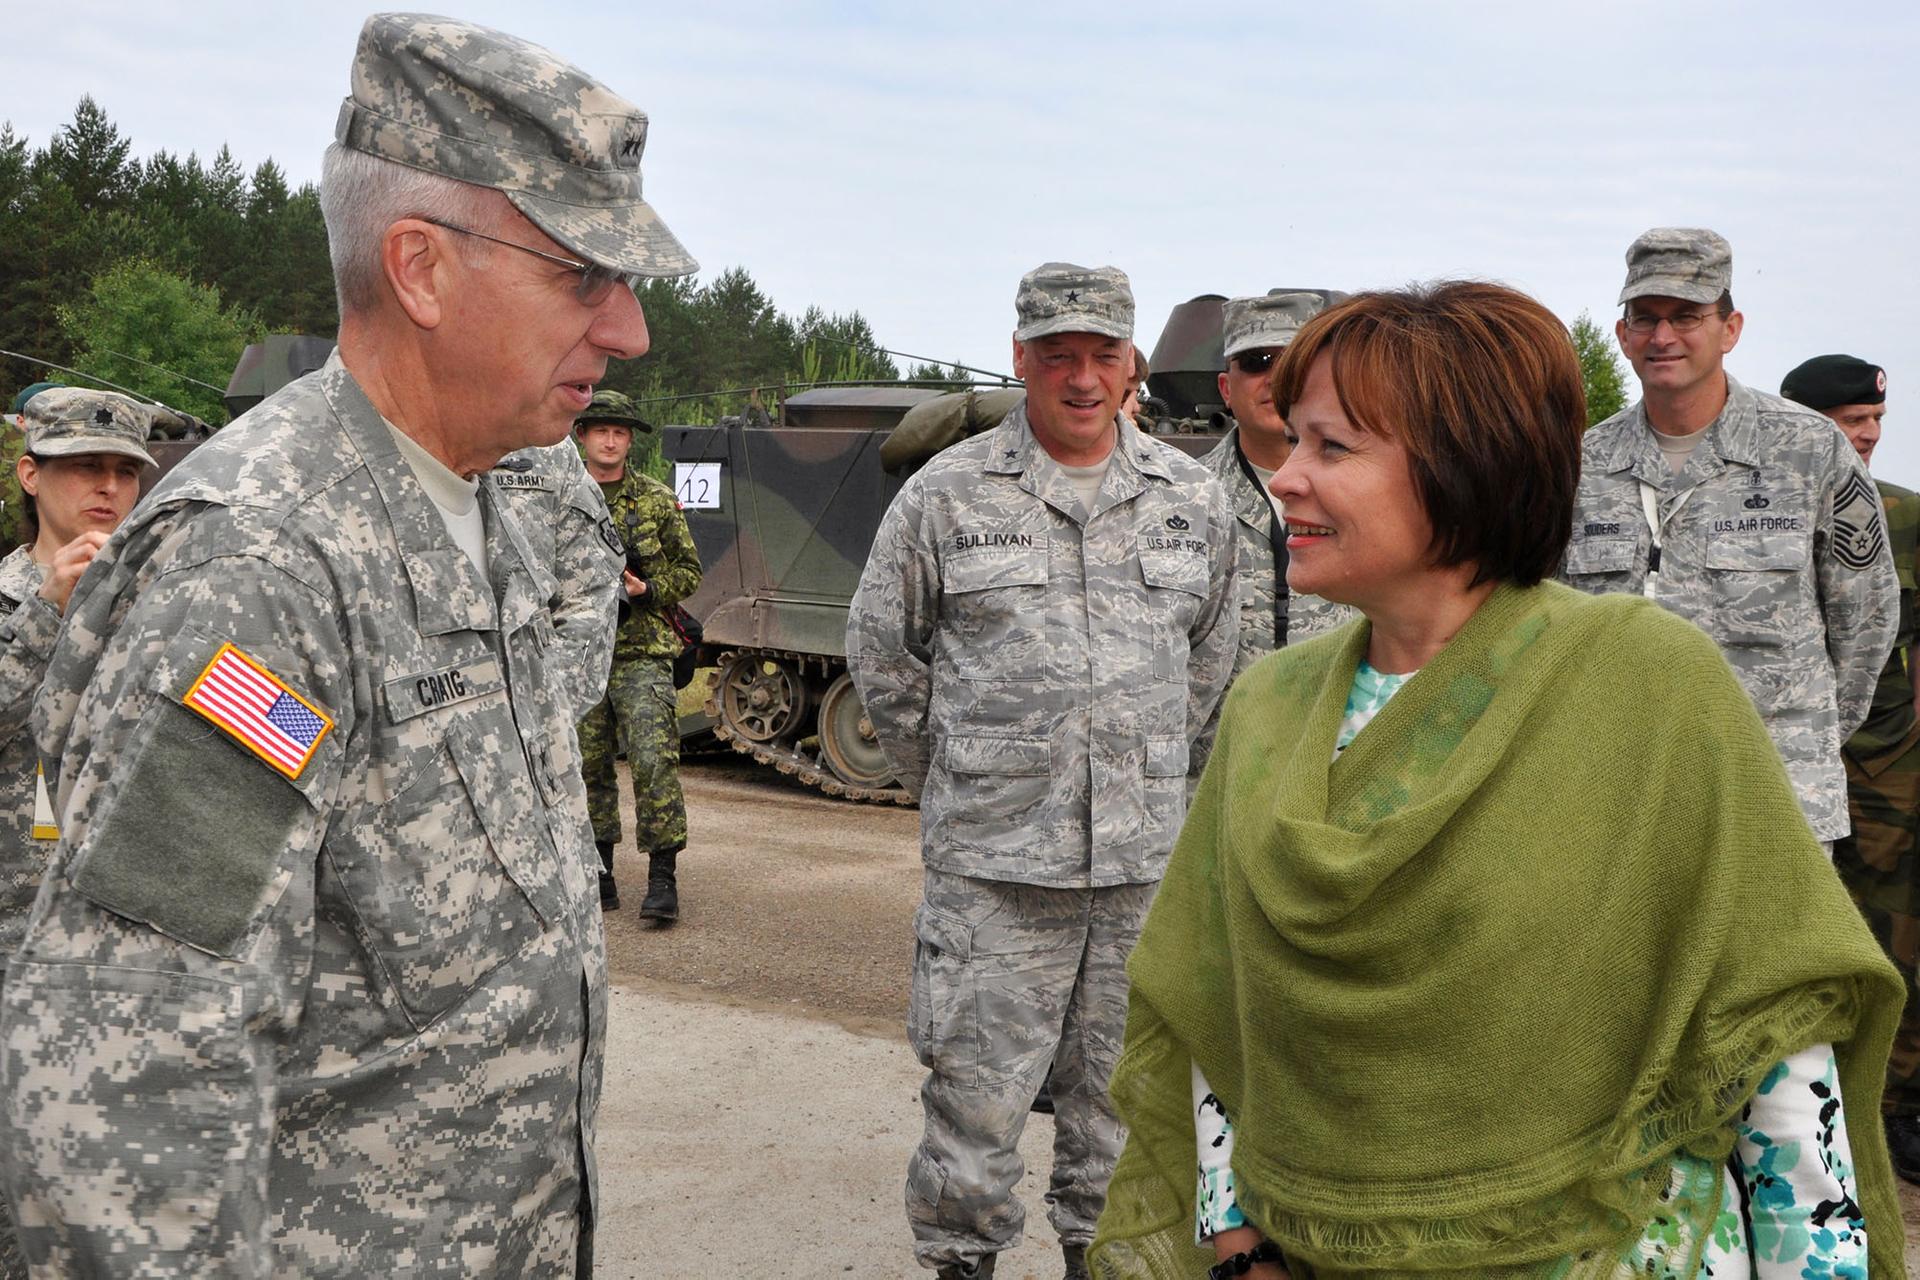 Президентка Парламентської асамблеї НАТО, колишня міністерка оборони Литви Раса Юкнявічене (праворуч) із американськими військовими під час спільних військових навчань НАТО на полігоні неподалік литовського міста Пабраде, 21 червня 2011 року